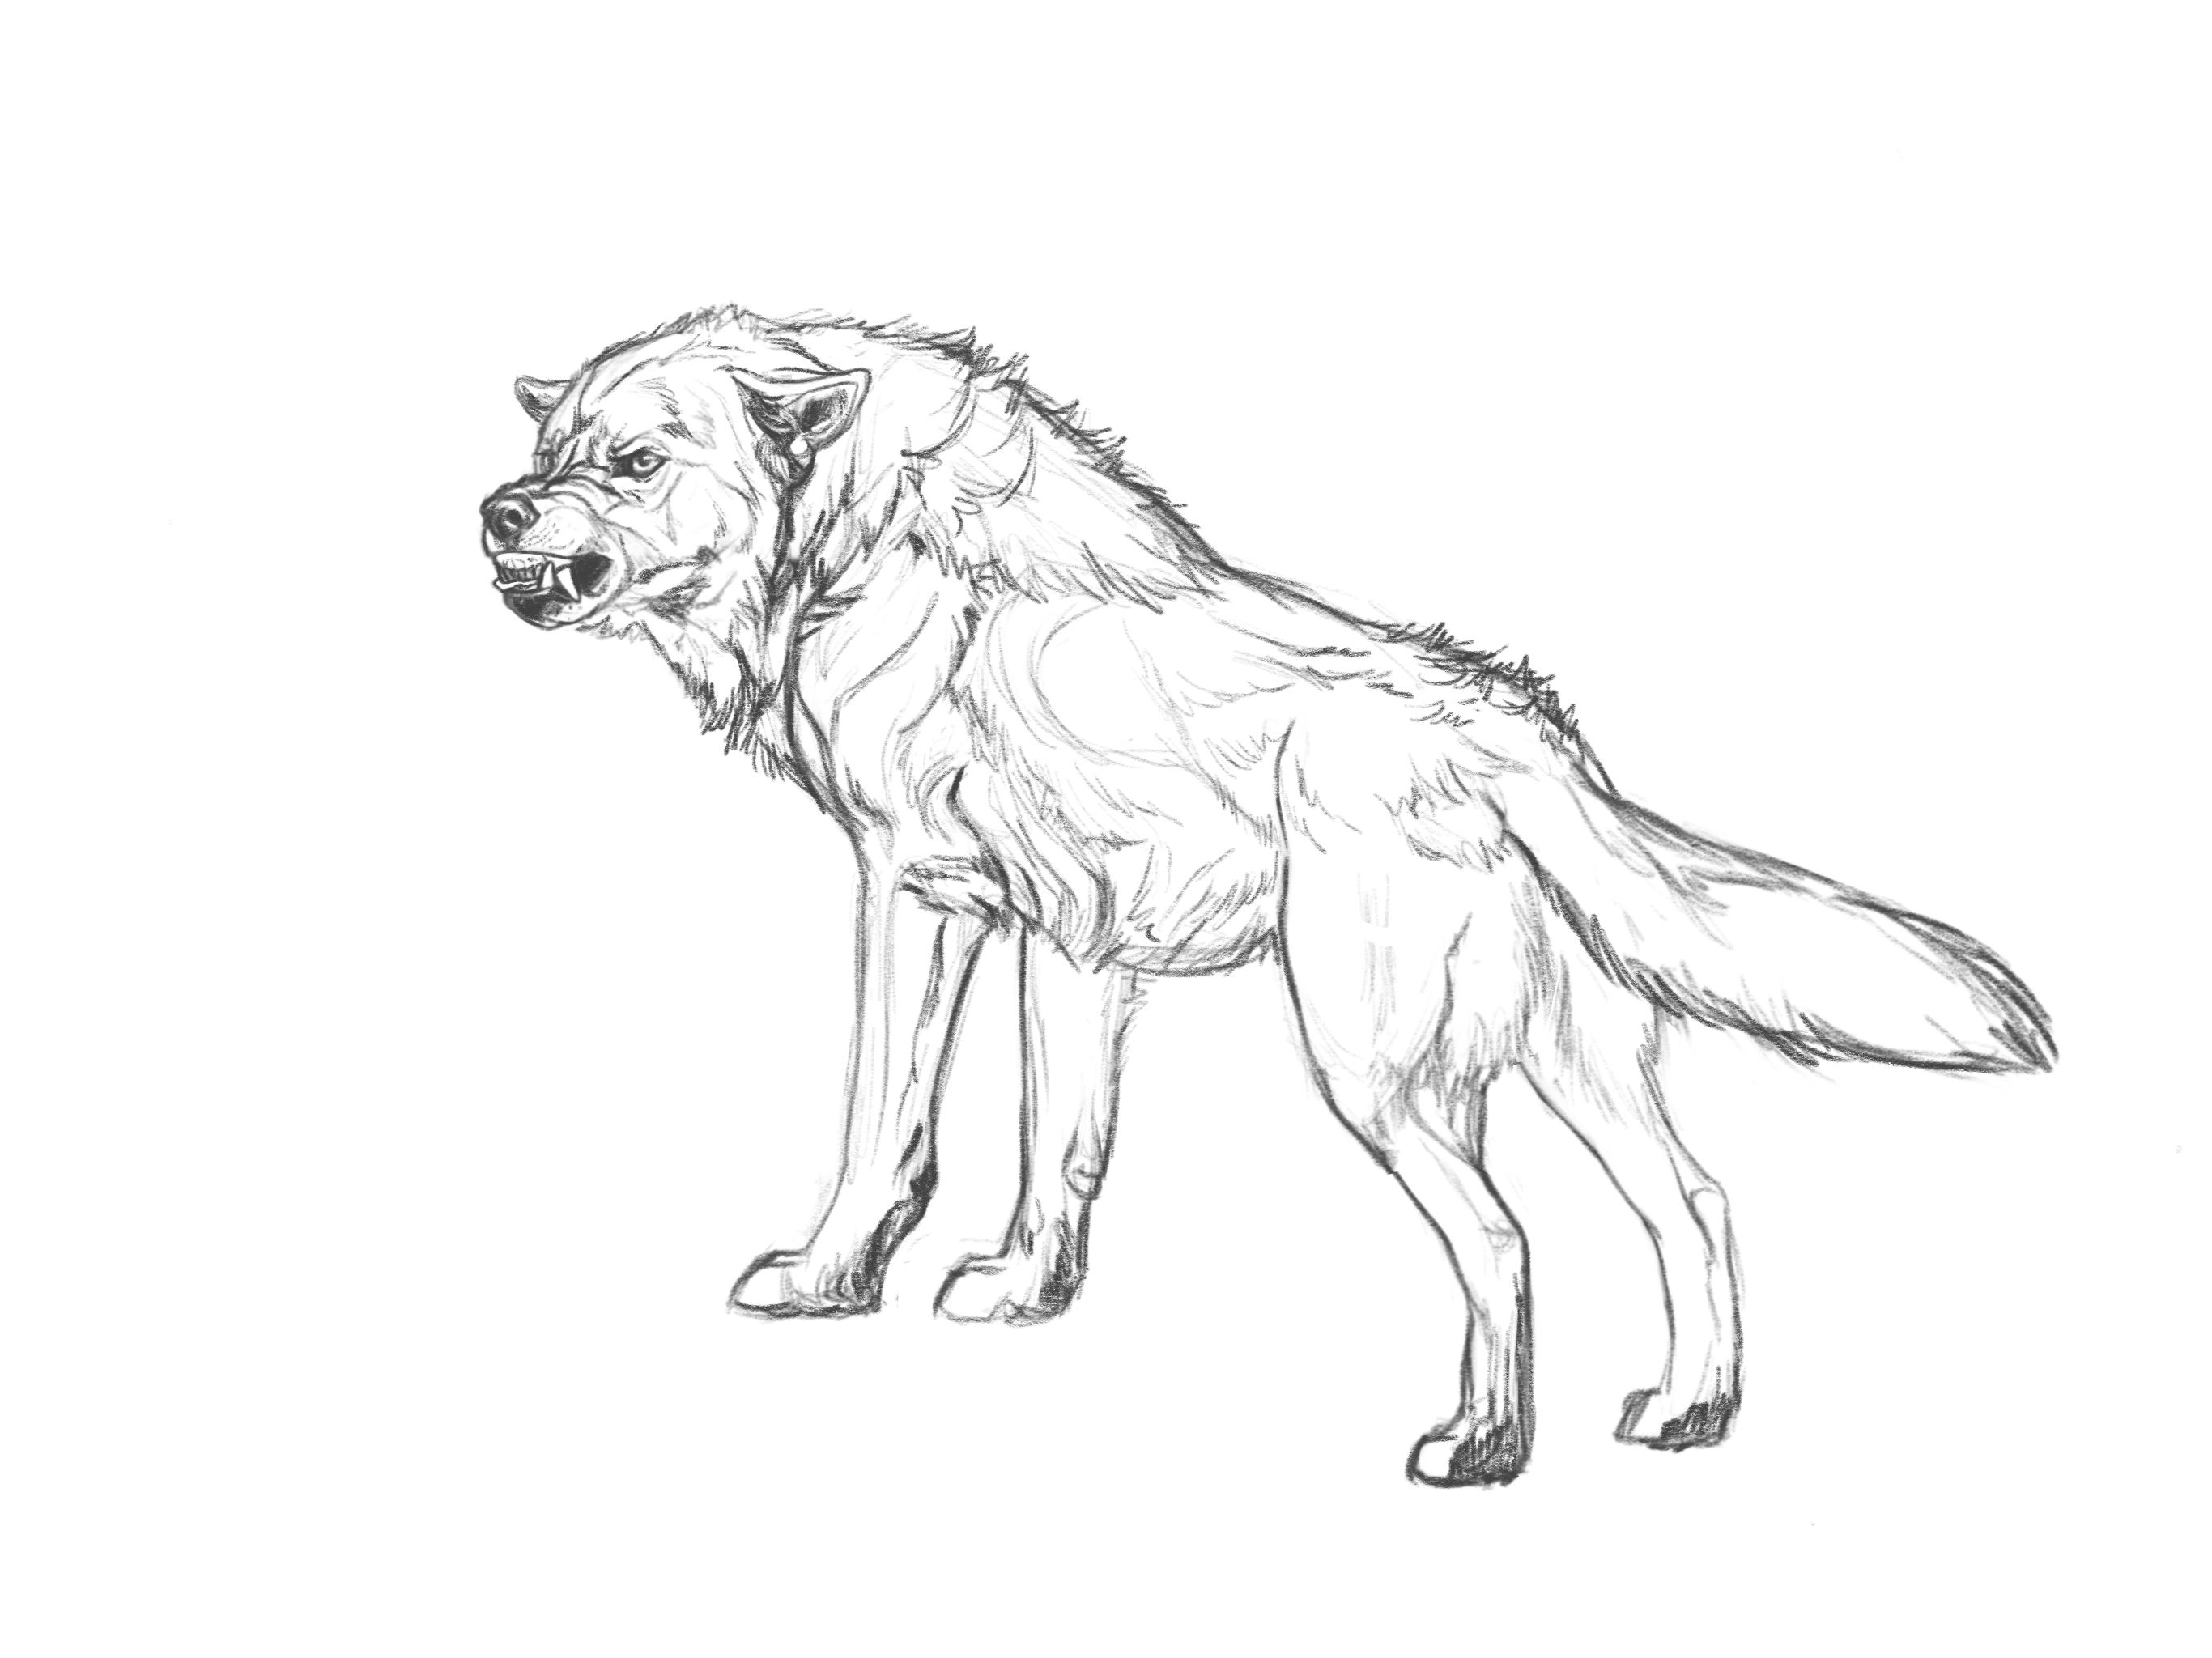 Hatchet by markedwolf